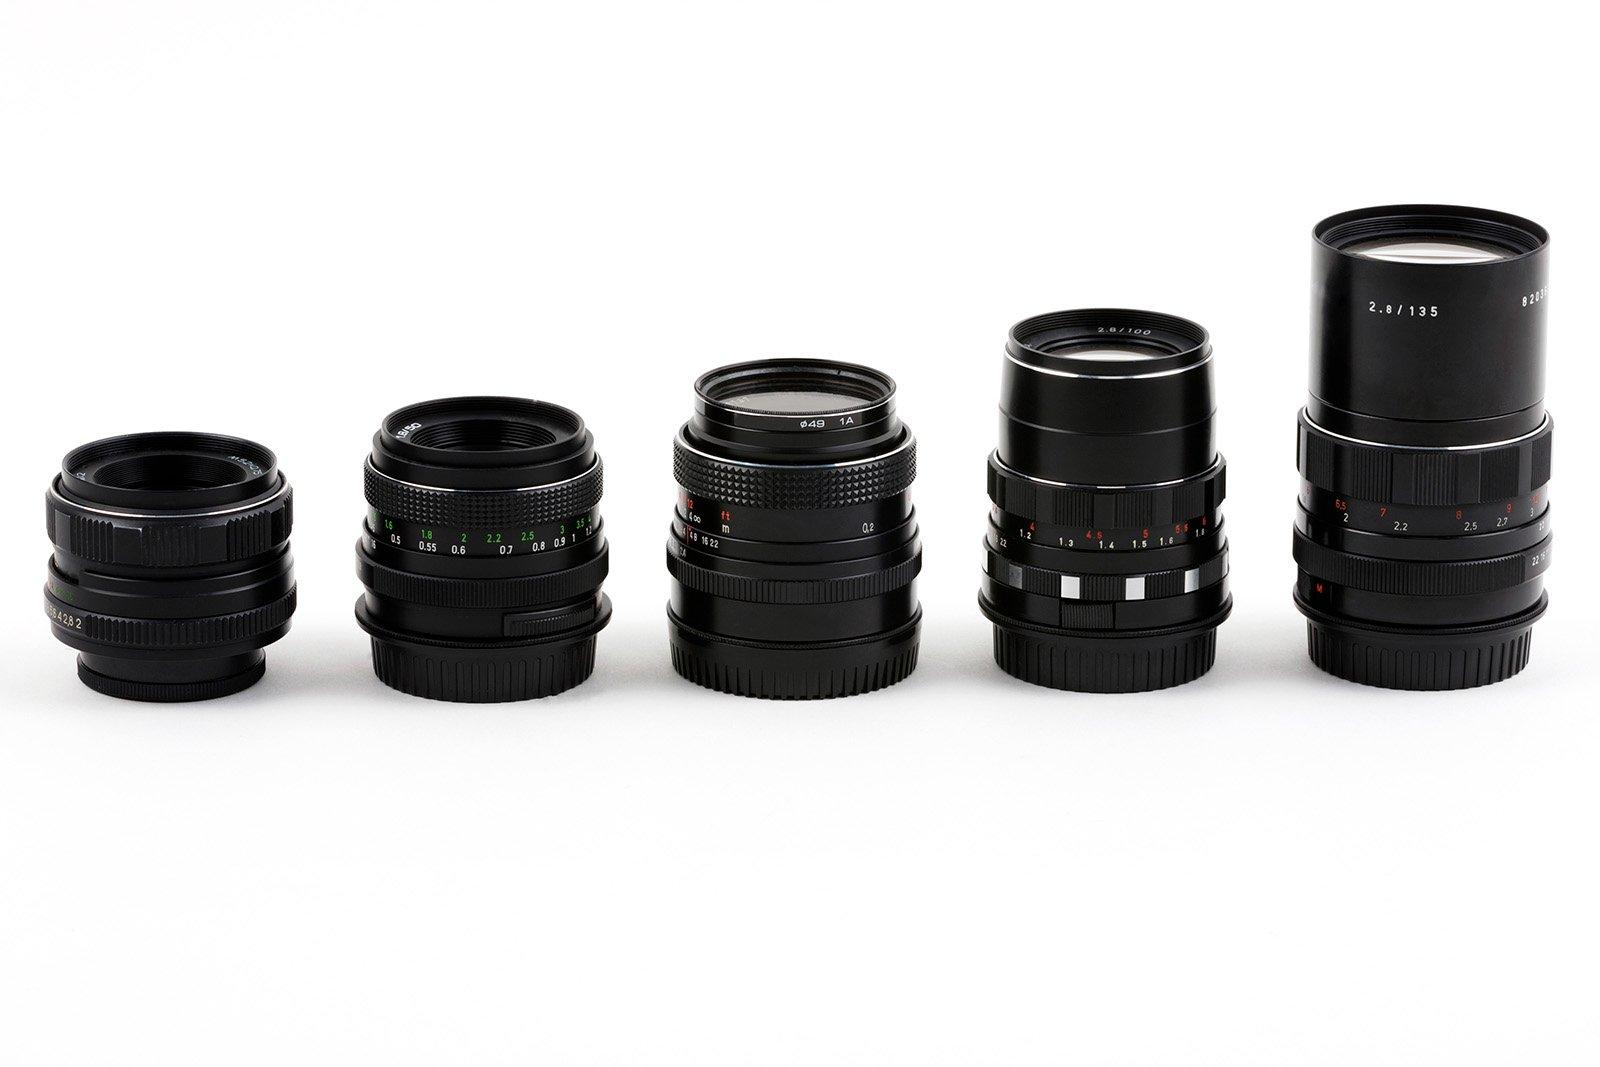 Zoom vs. Prime Lenses